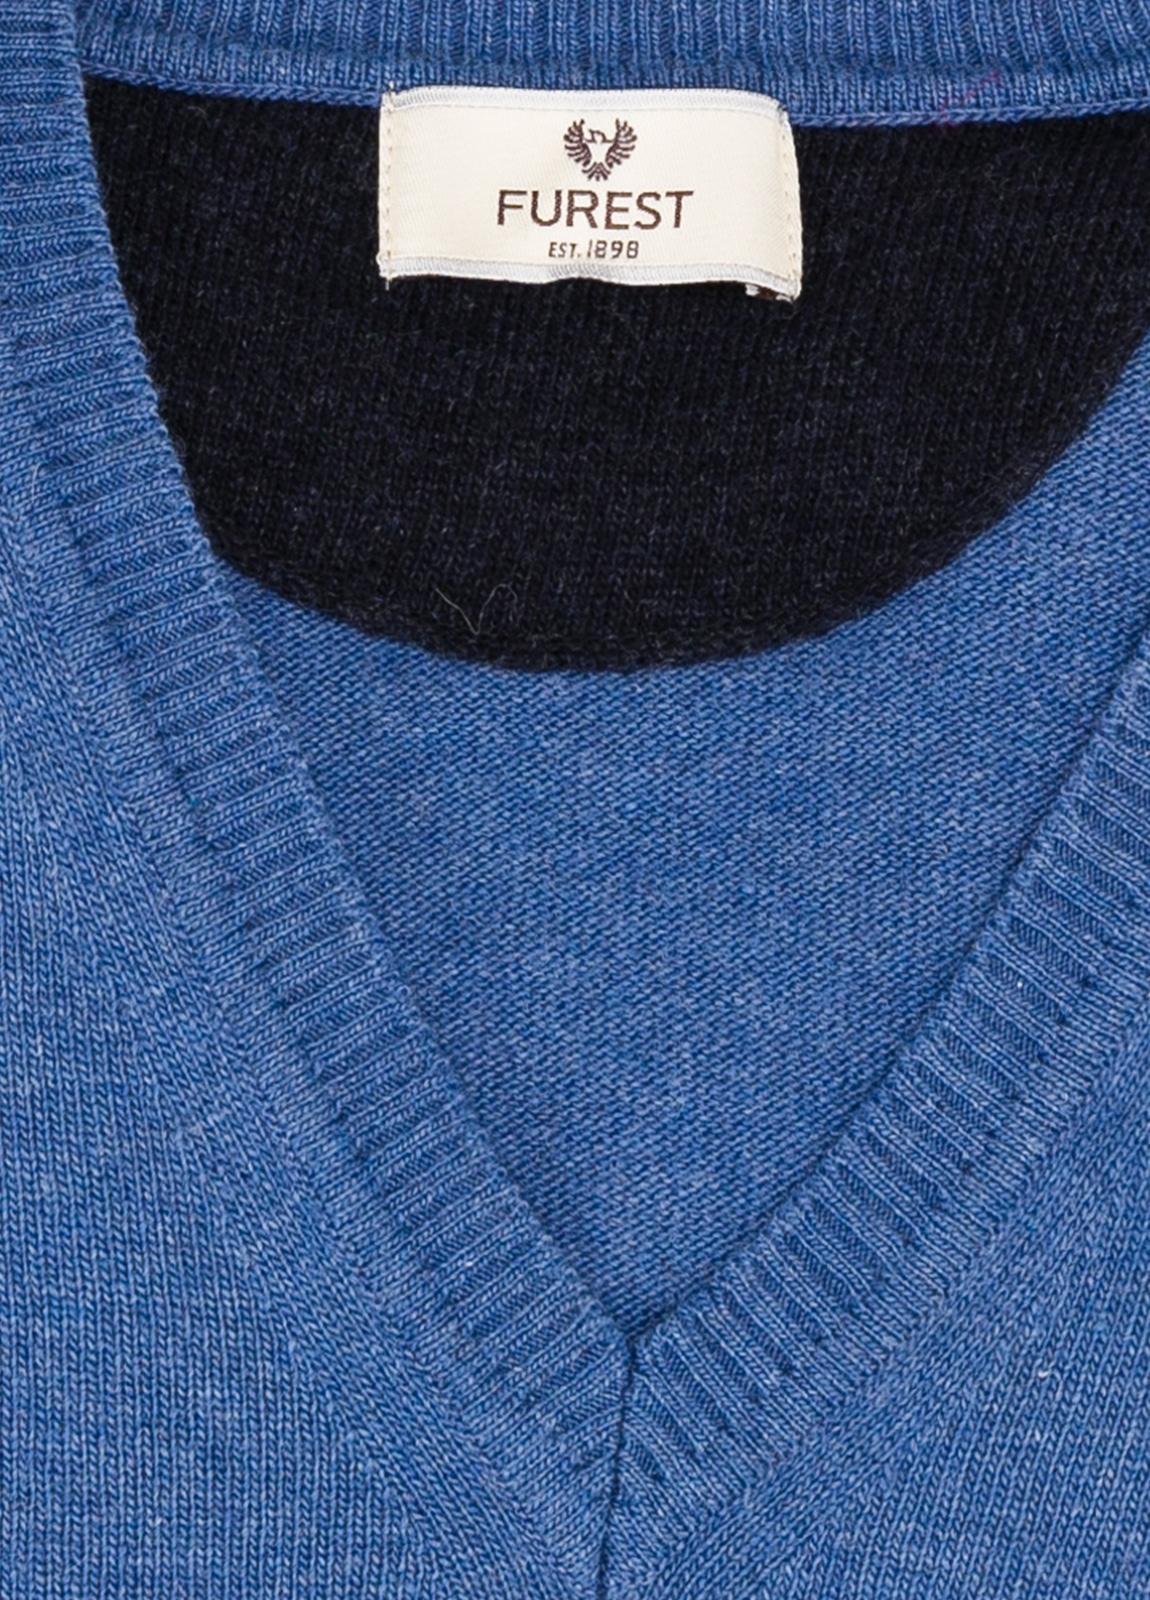 Jersey liso cuello pico color azul, 40% lana merino, 20% viscosa, 10% cachemire